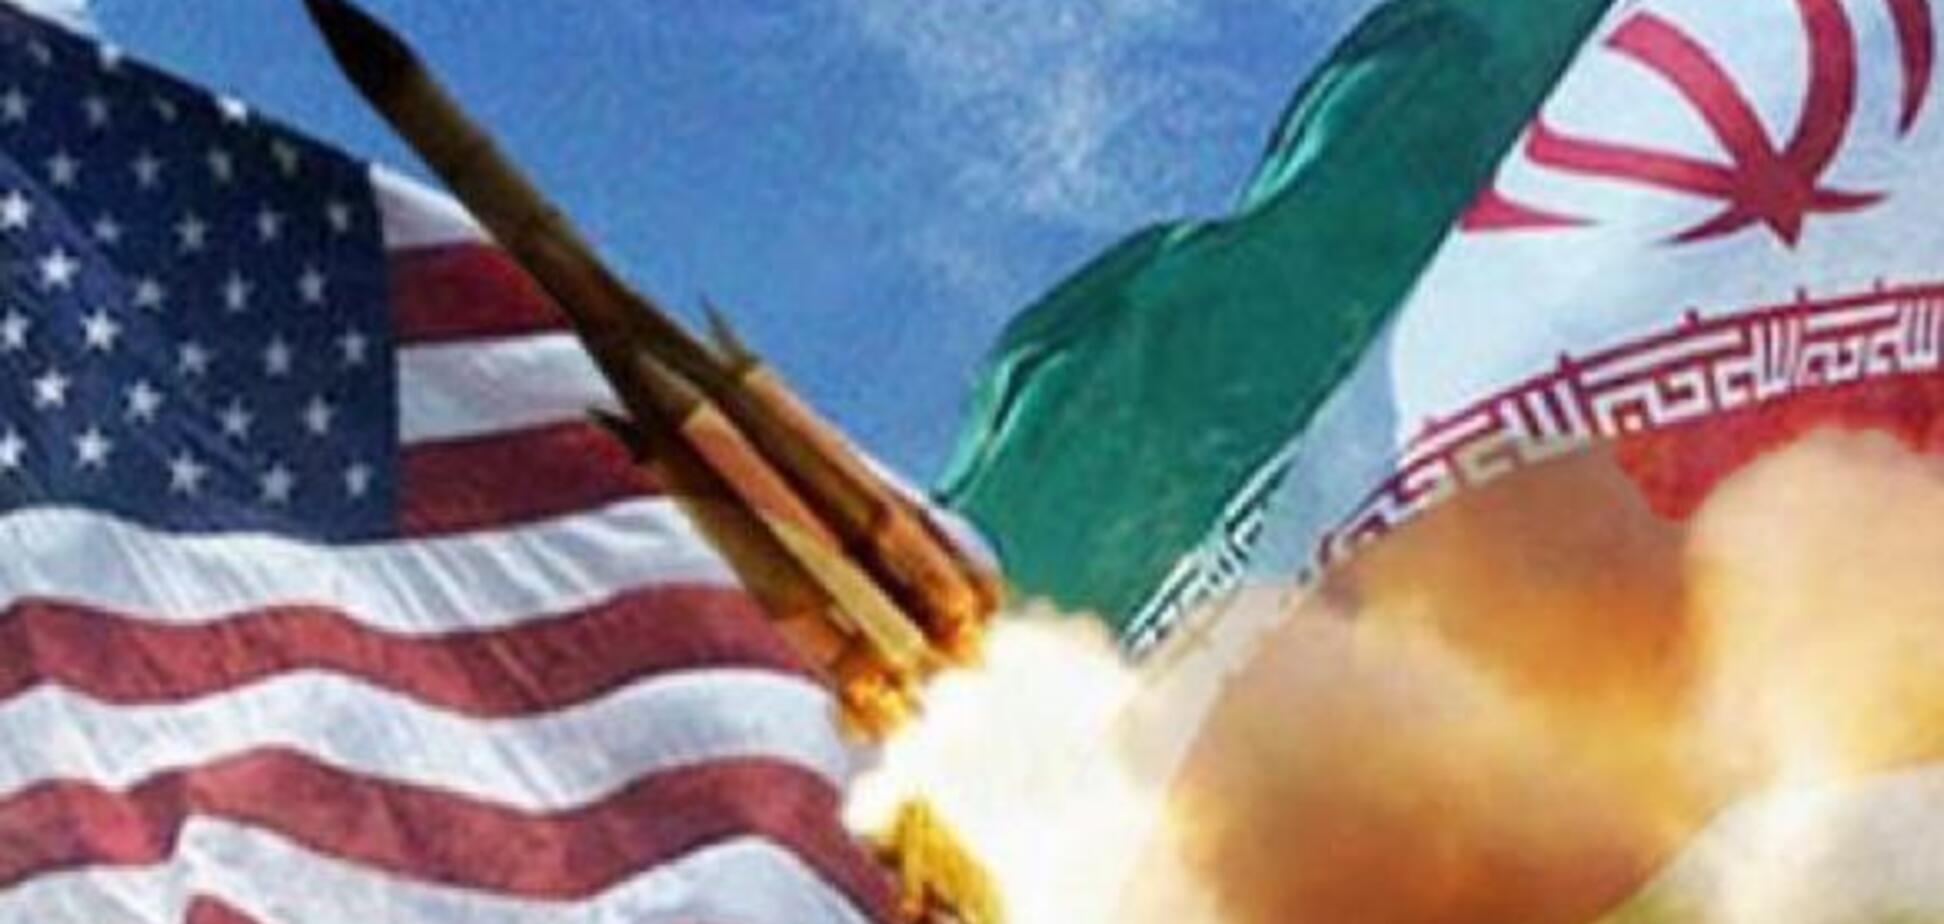 Ракетные удары Ирана по базам США: цены на золото и нефть взлетели вверх